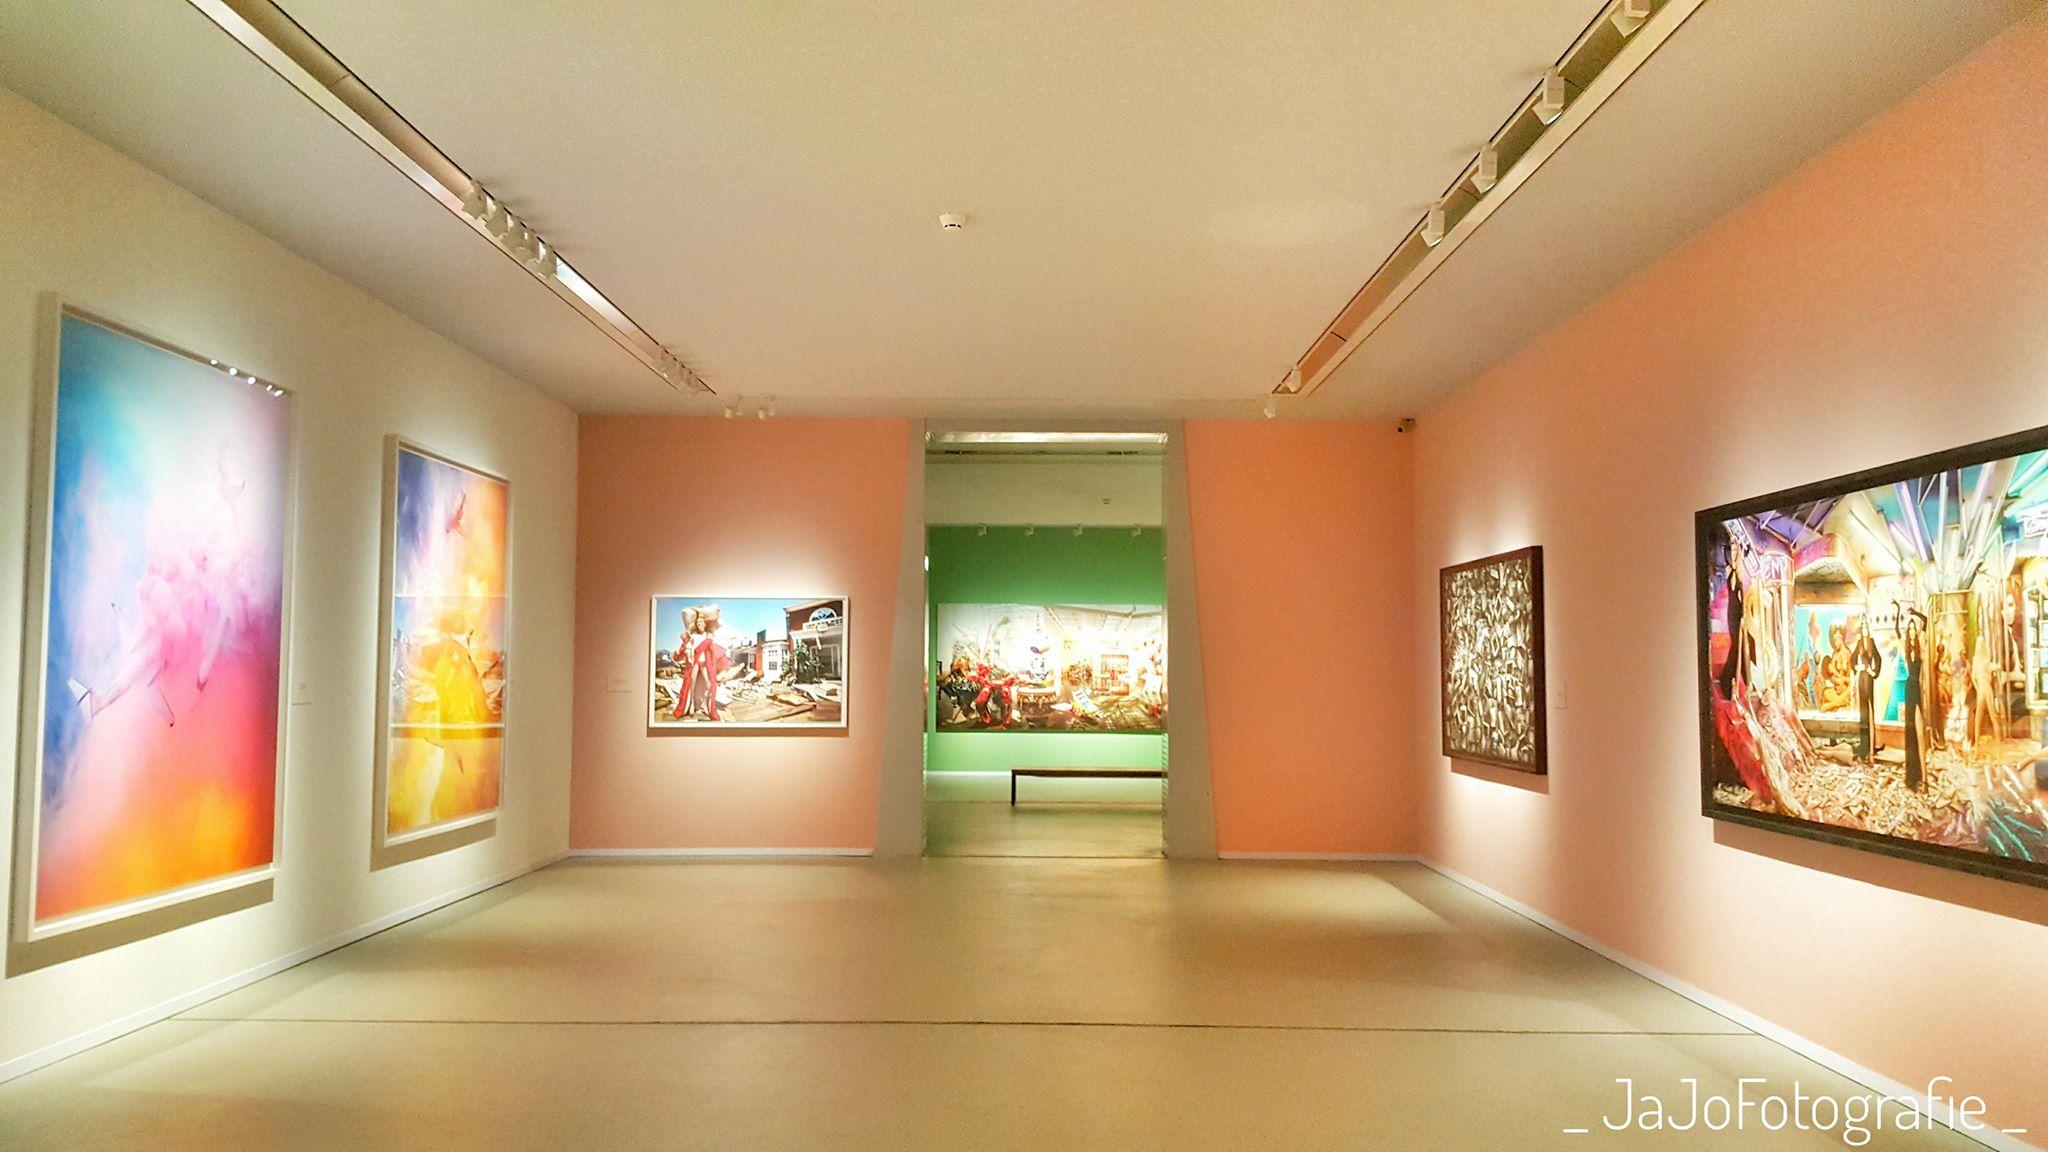 David LaChapelle, Fotograaf, Expositie, Foto expositie